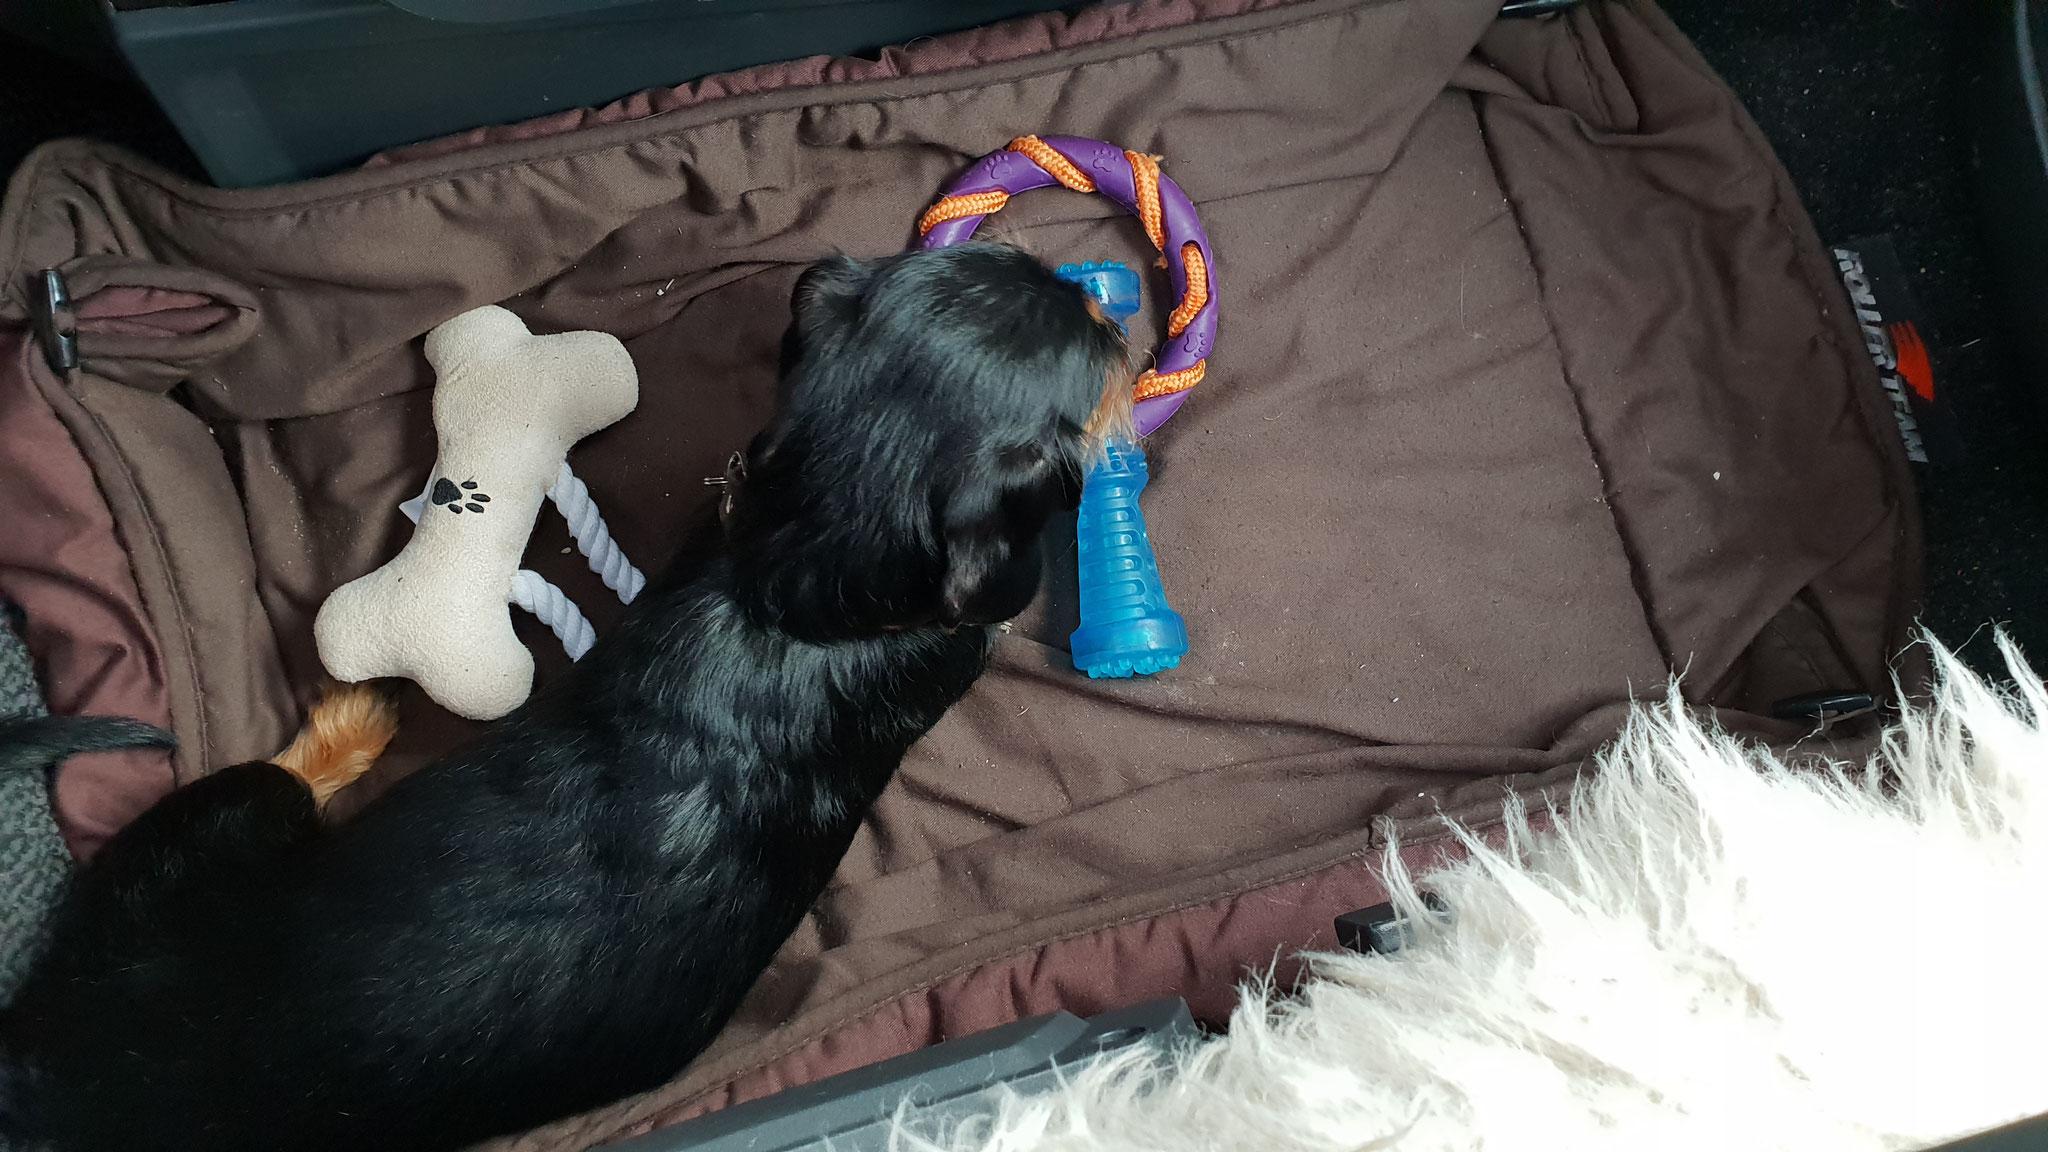 Olly stellt sich eine Auswahl an Spielzeug zusammen